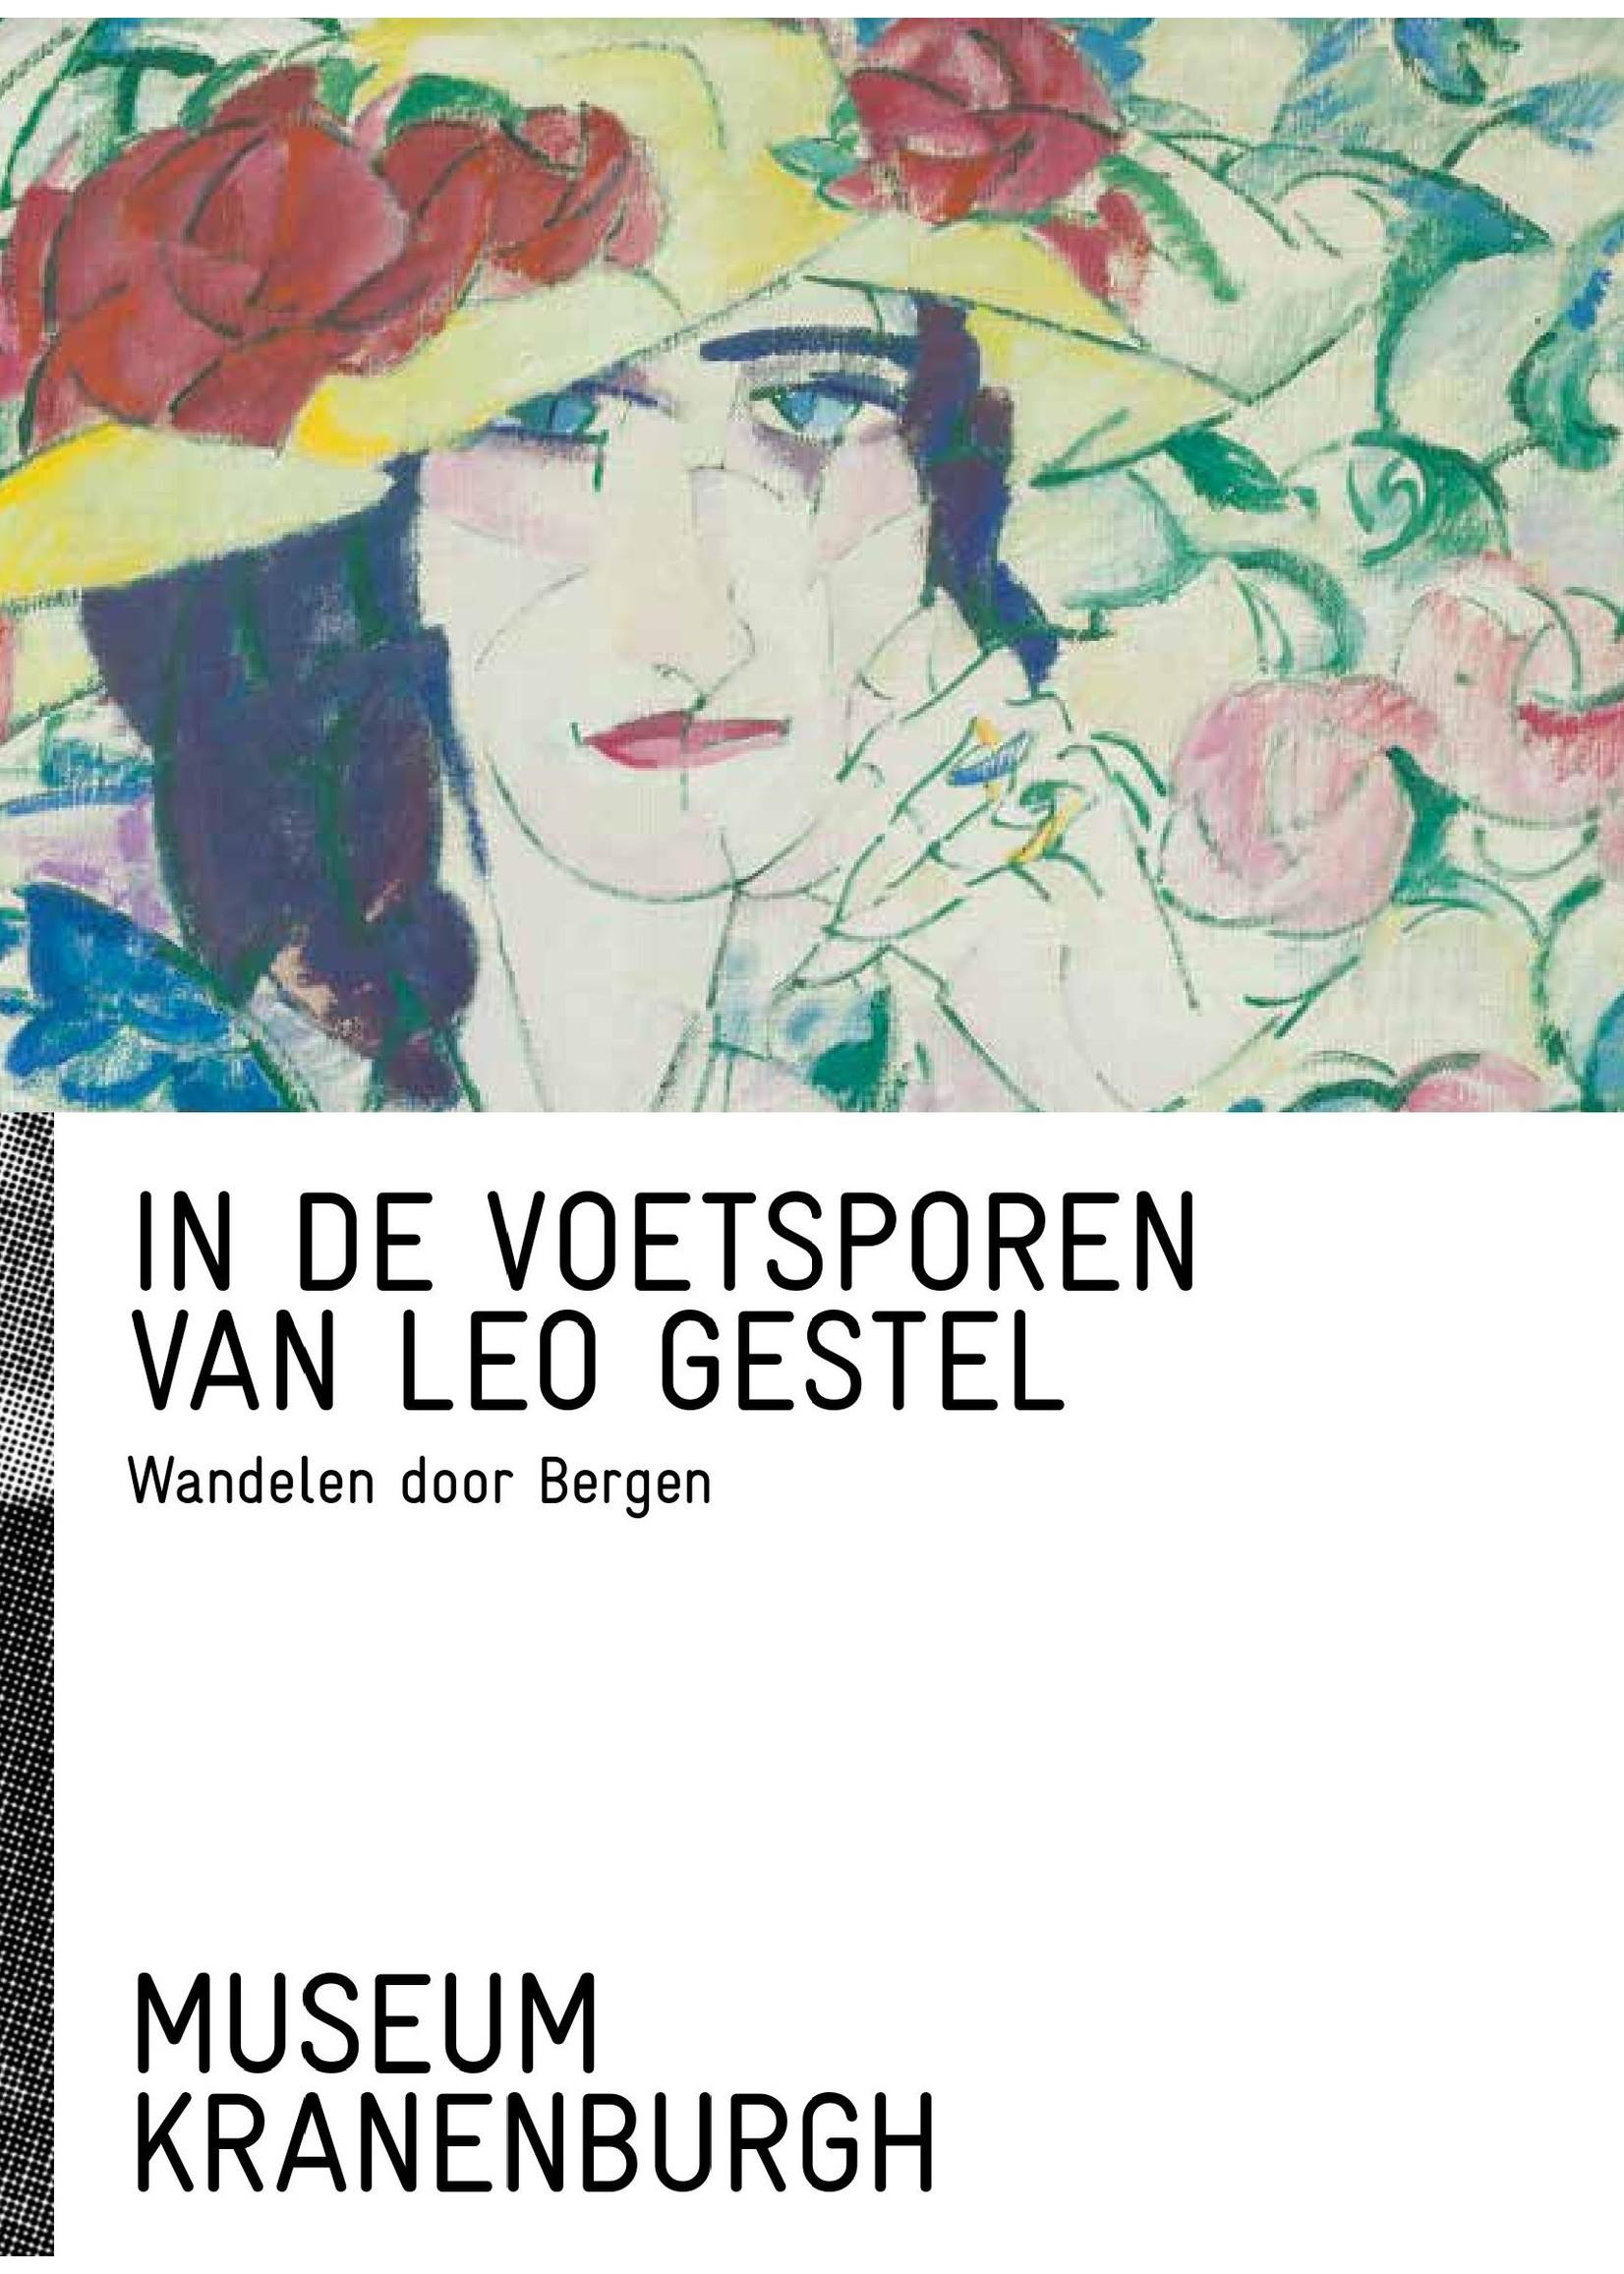 In de voetsporen van Leo Gestel